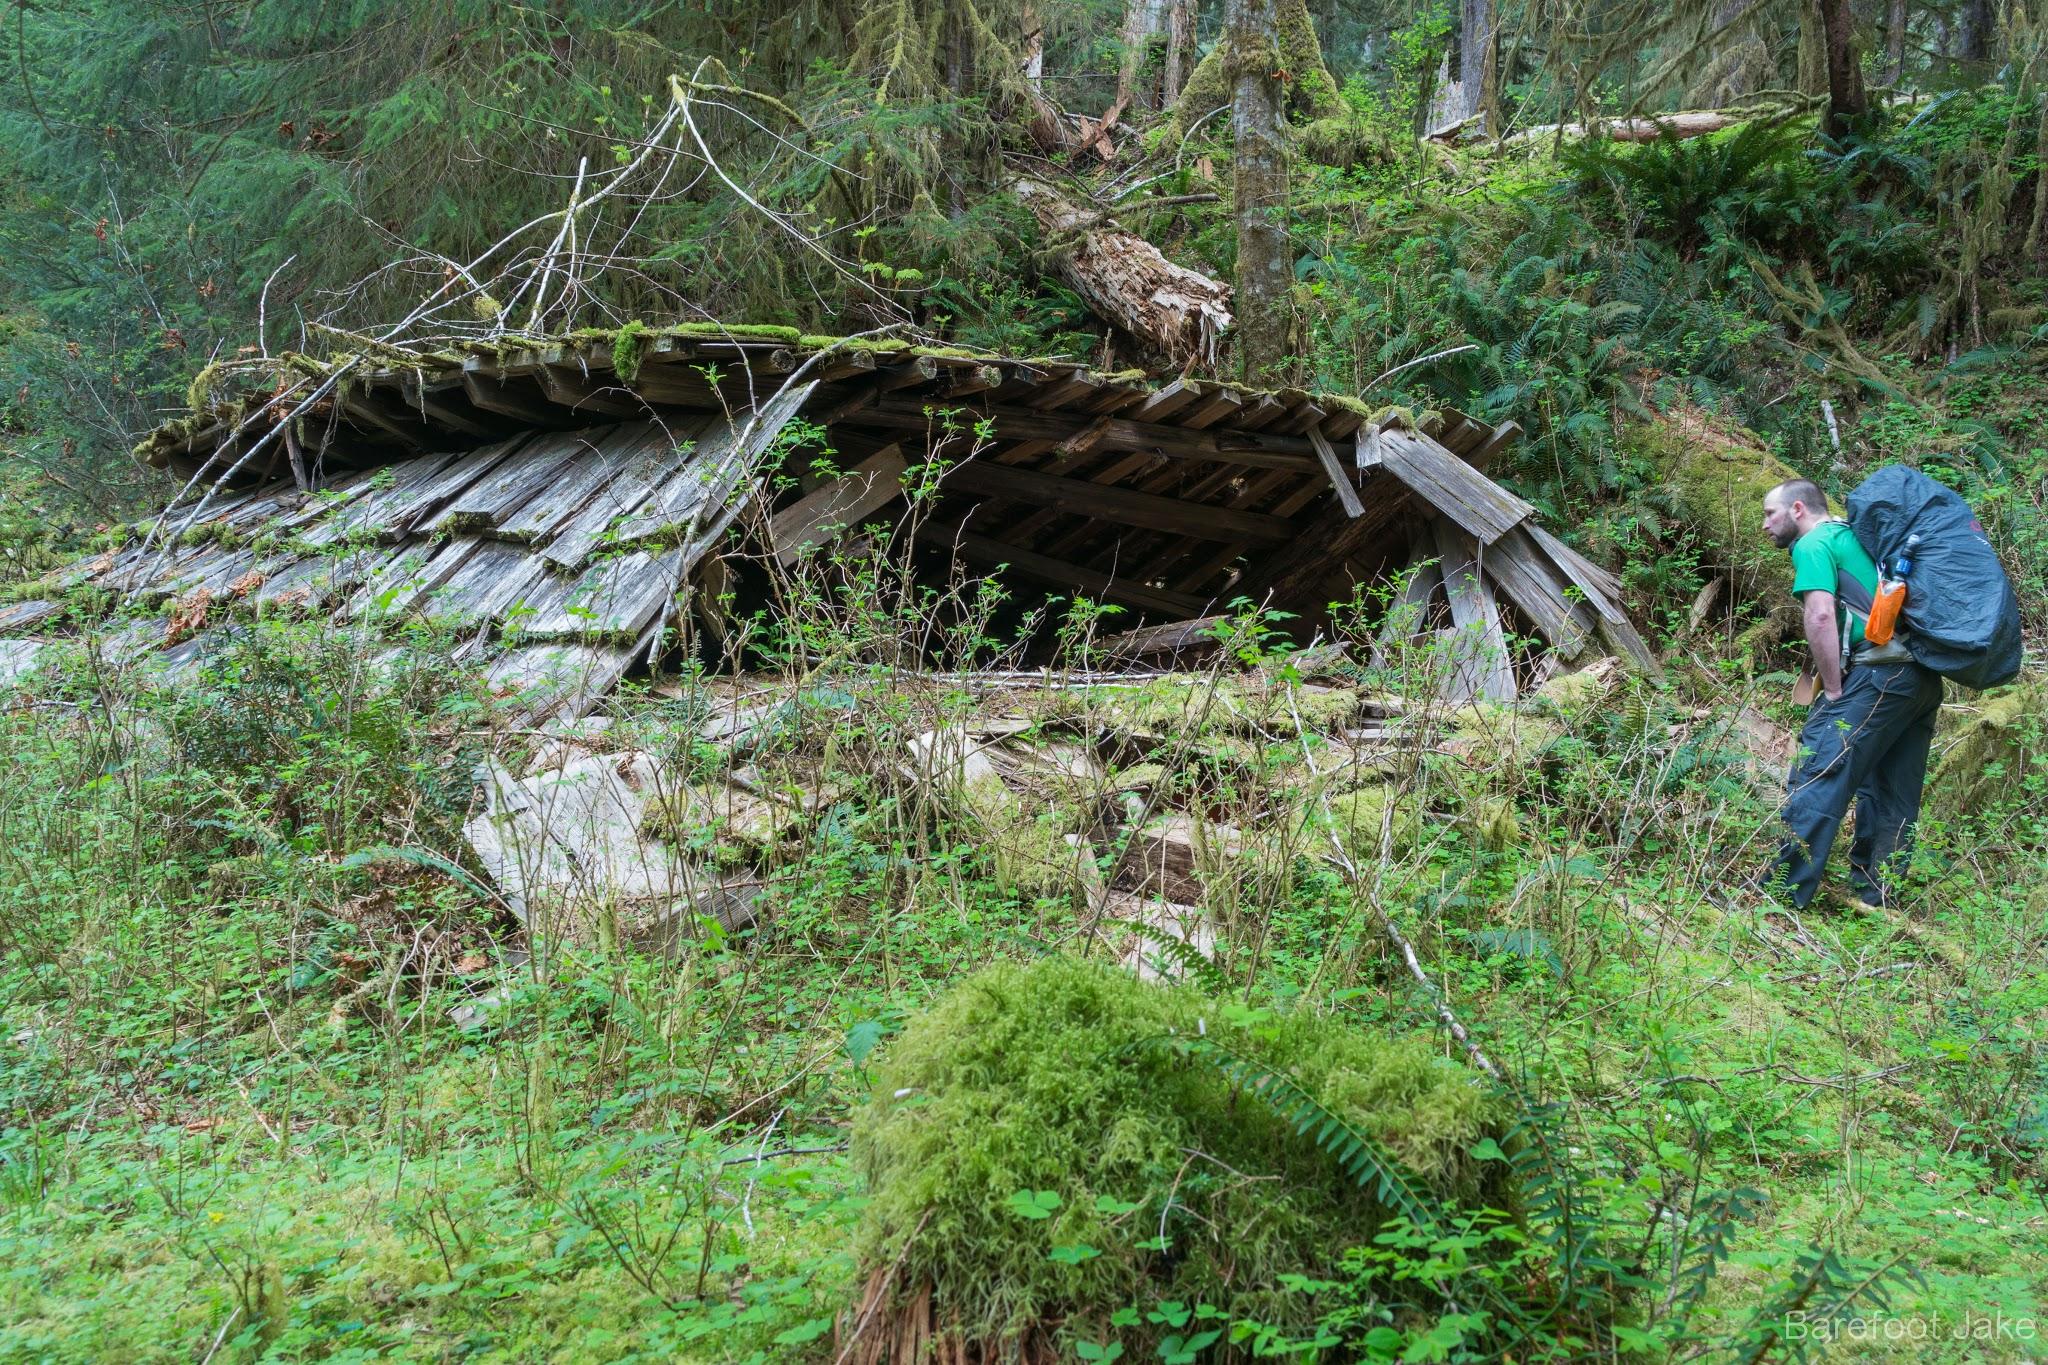 Pelton Shelter